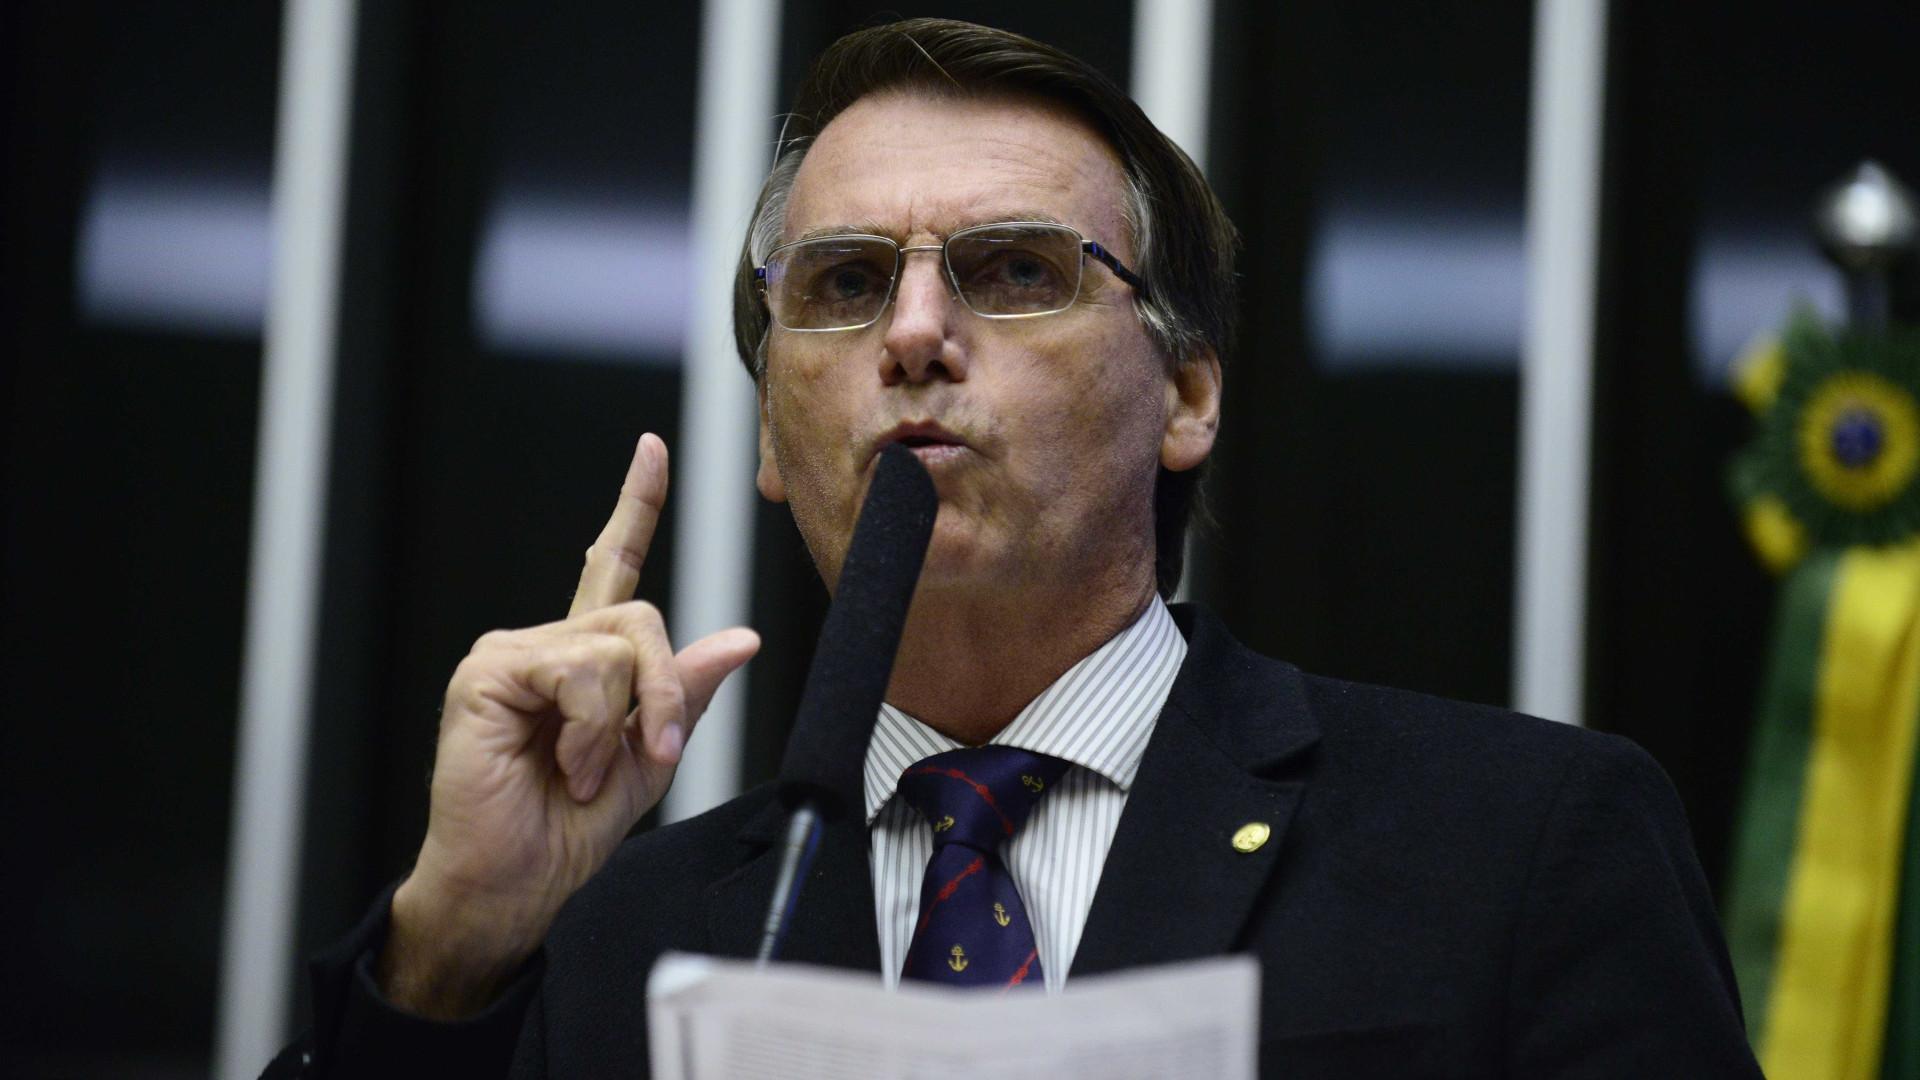 Com imóvel próprio, Bolsonaro ganha auxílio-moradia de R$ 3.083 por mês